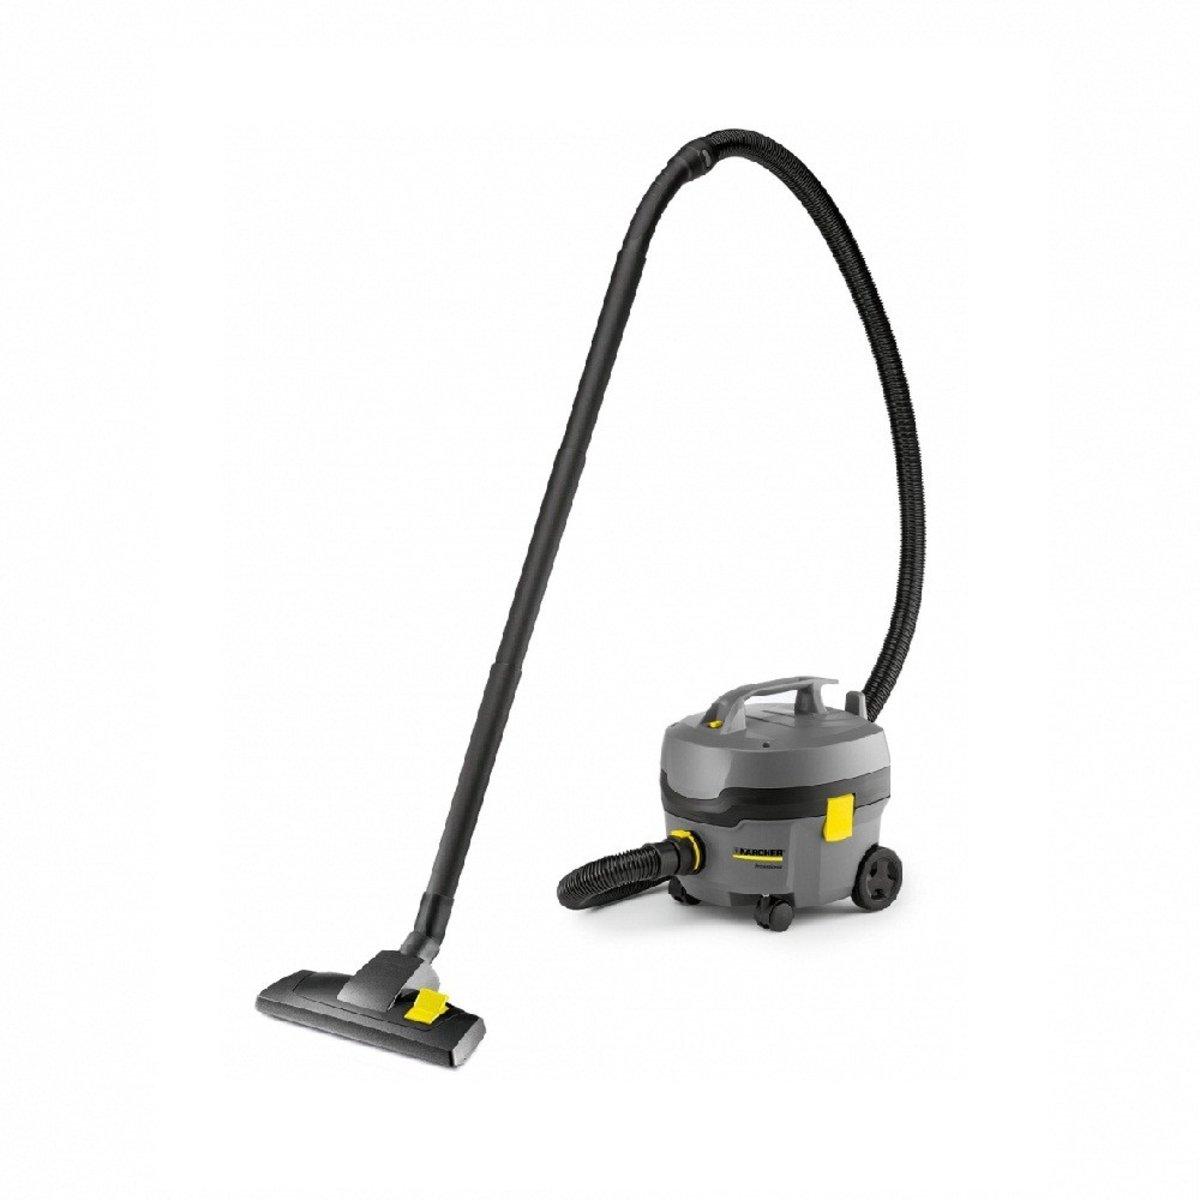 T7/1 Classic Professional Vacuum Cleaner